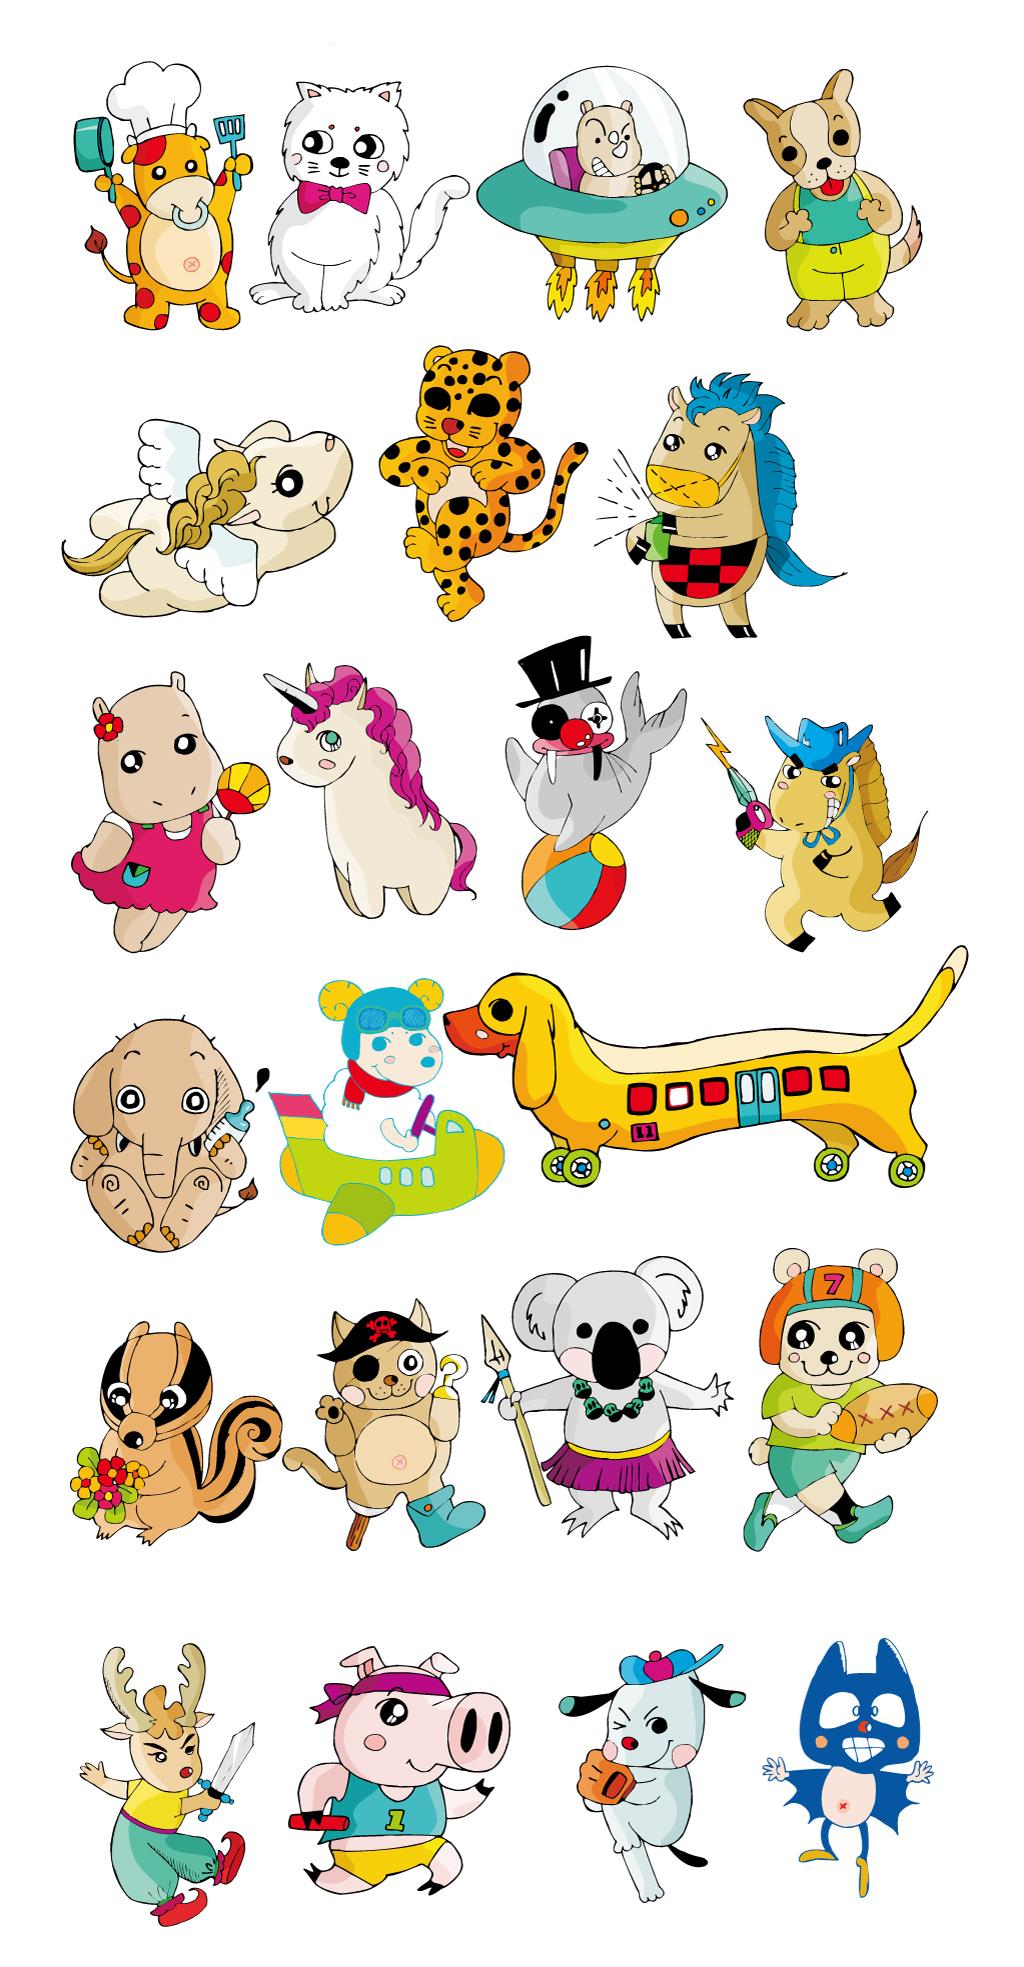 创意手绘卡通小动物集合猫狗老虎猪